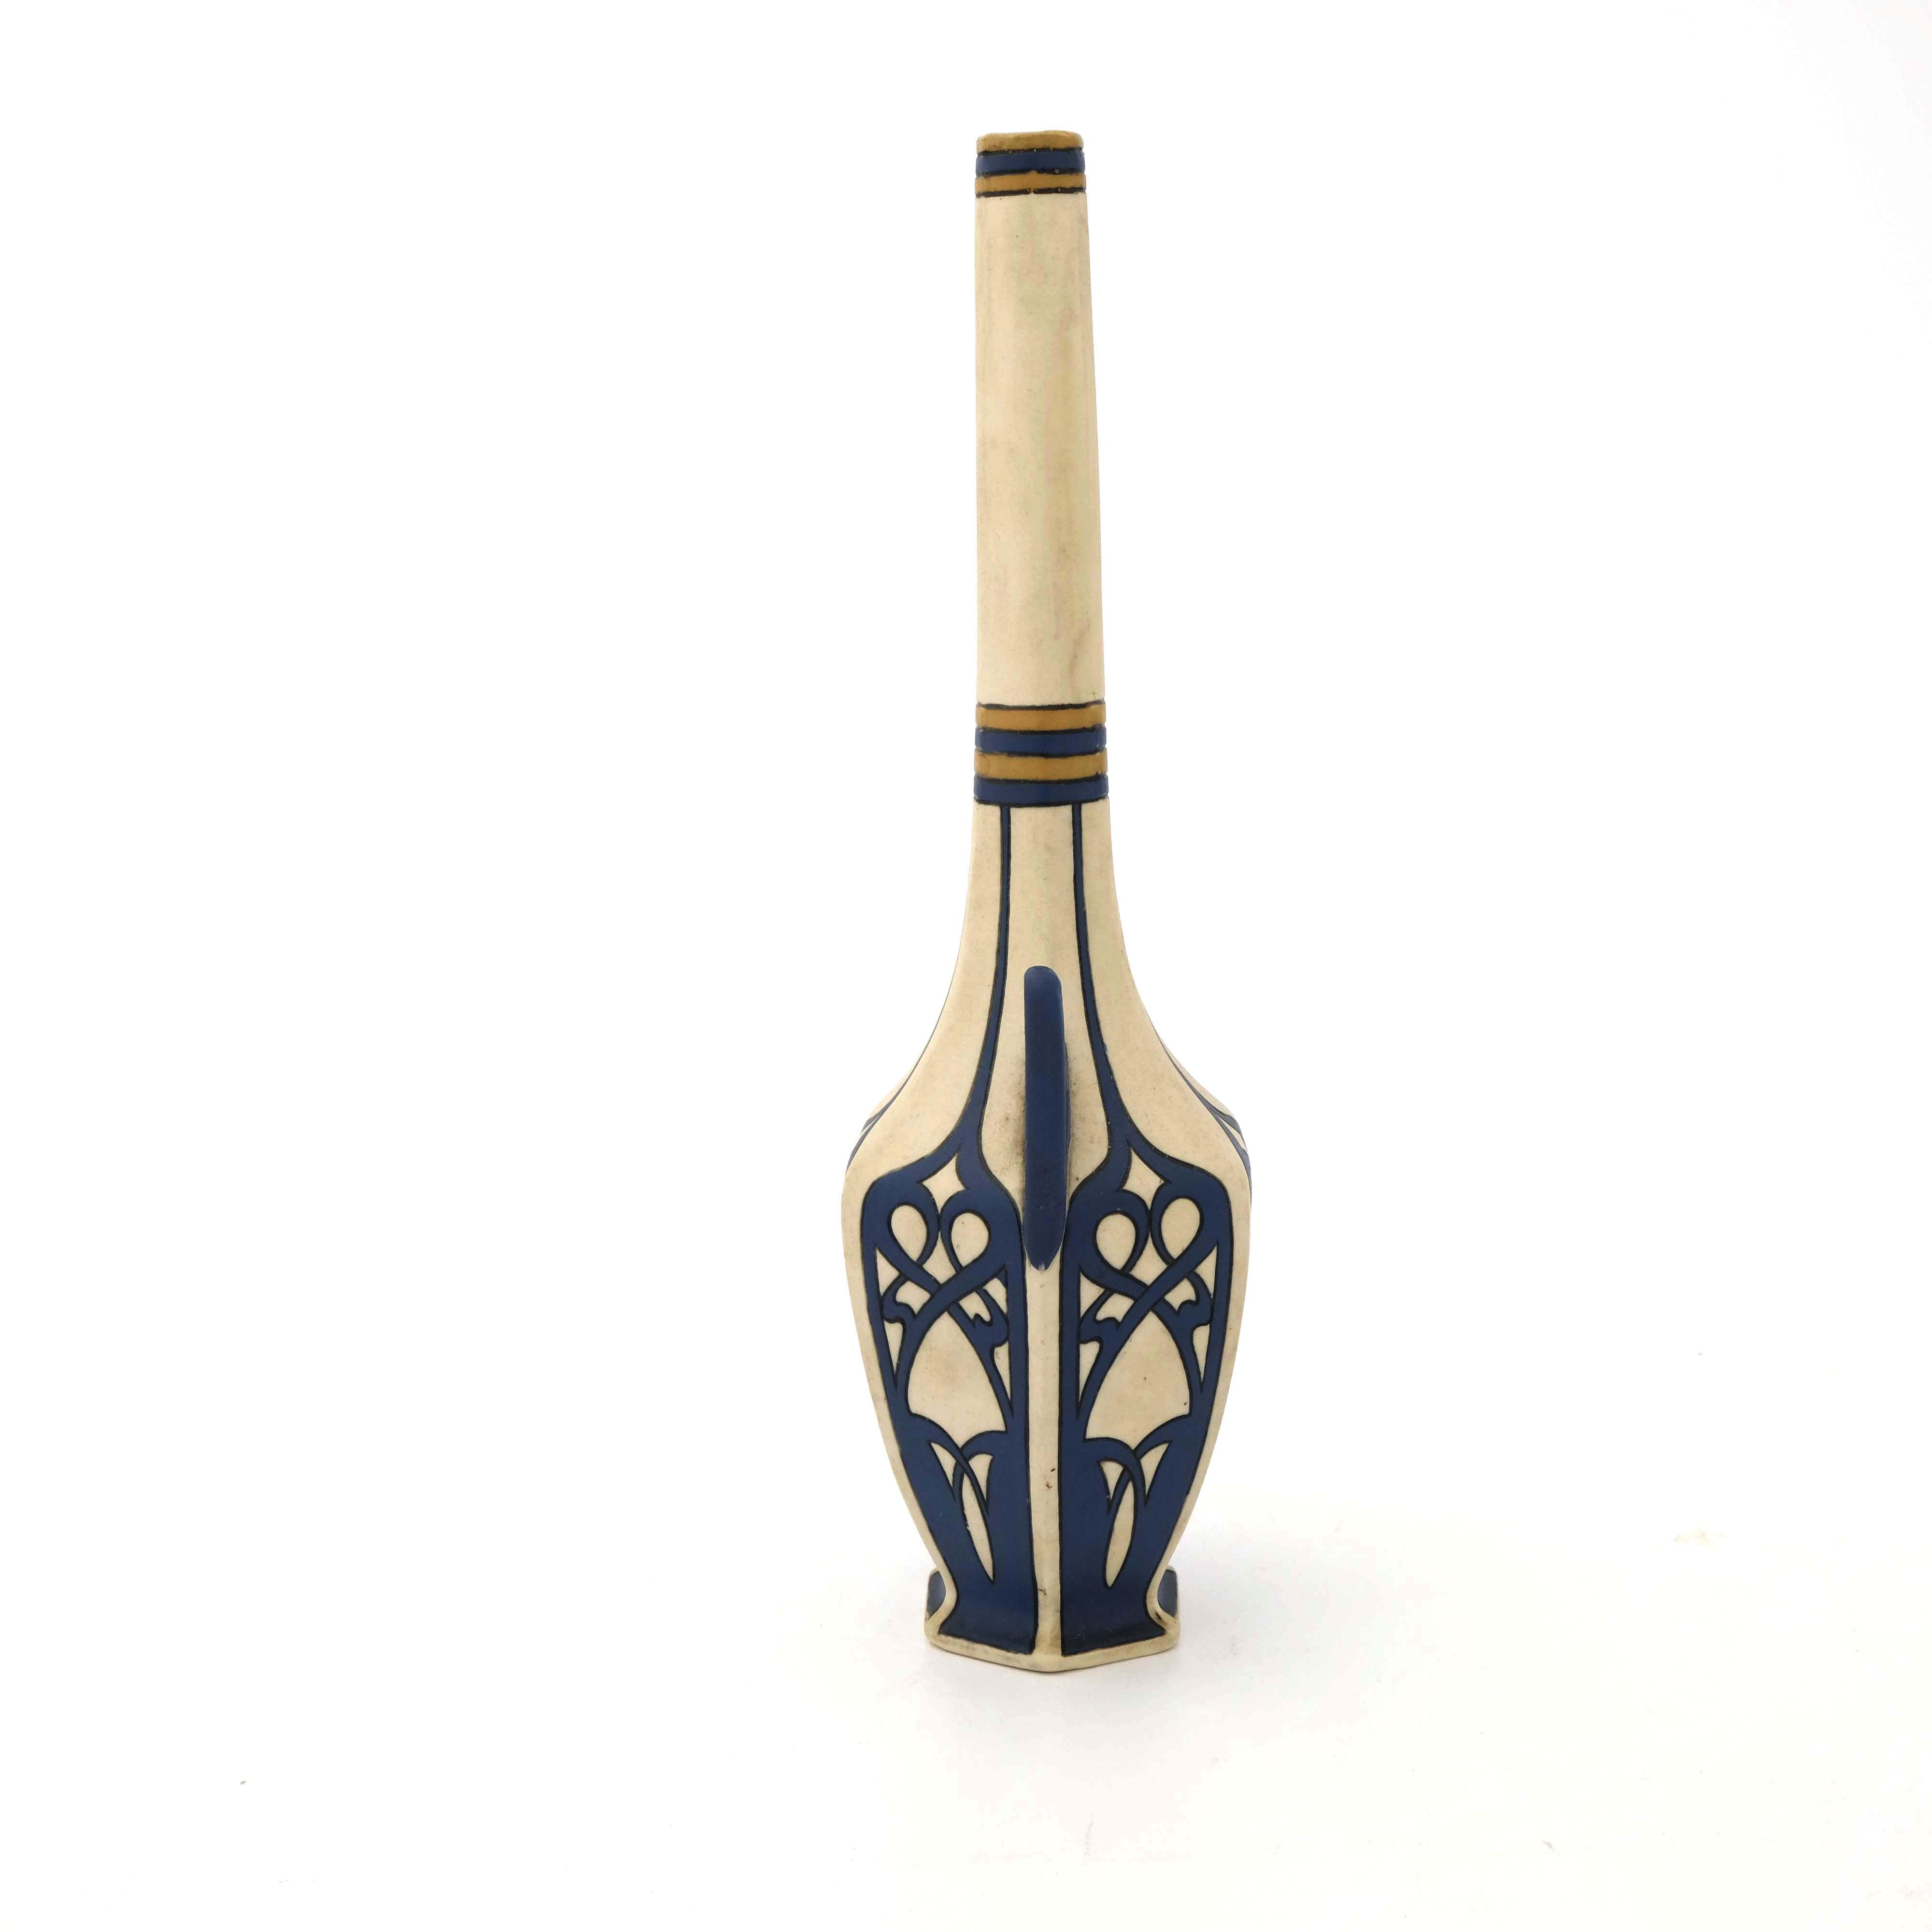 Mettlach, Villeroy and Boch, a Jugendstil vase - Image 4 of 5